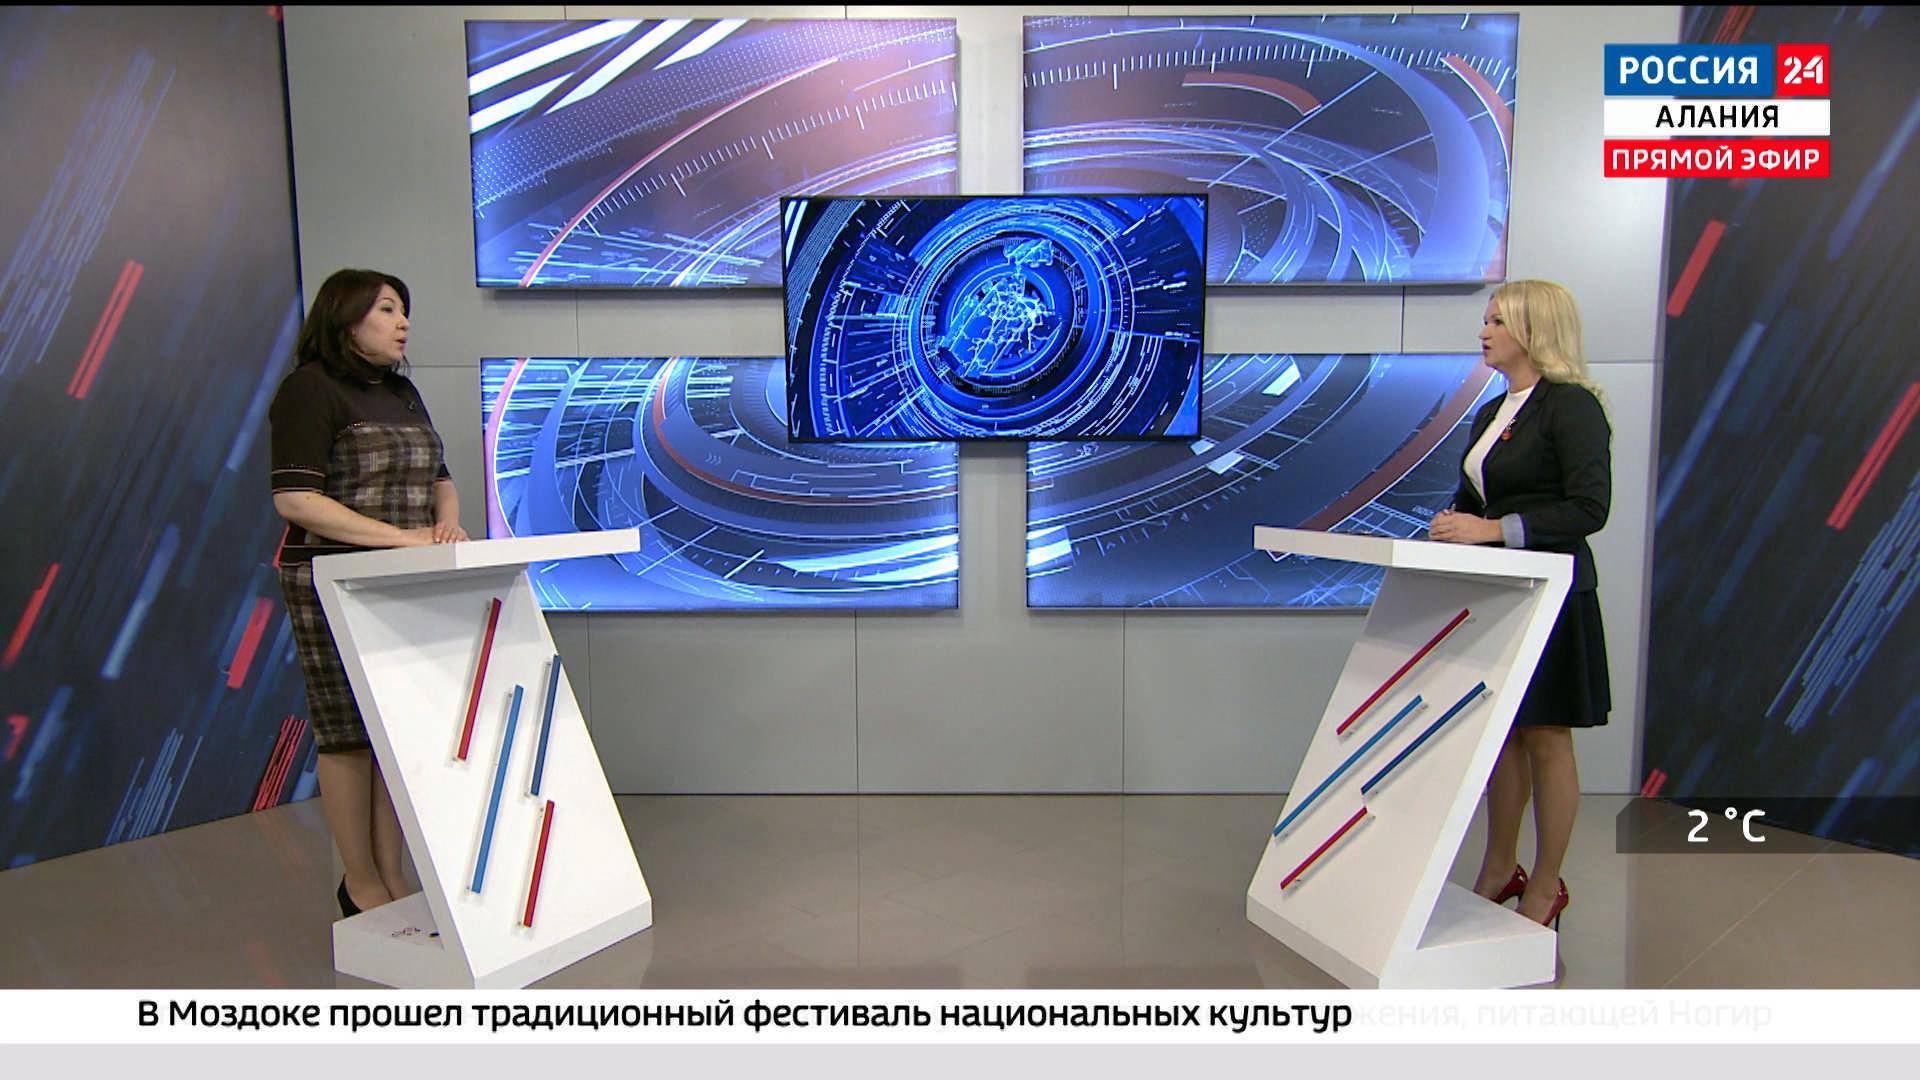 Республика. Вакцинация от COVID-19 в Северной Осетии